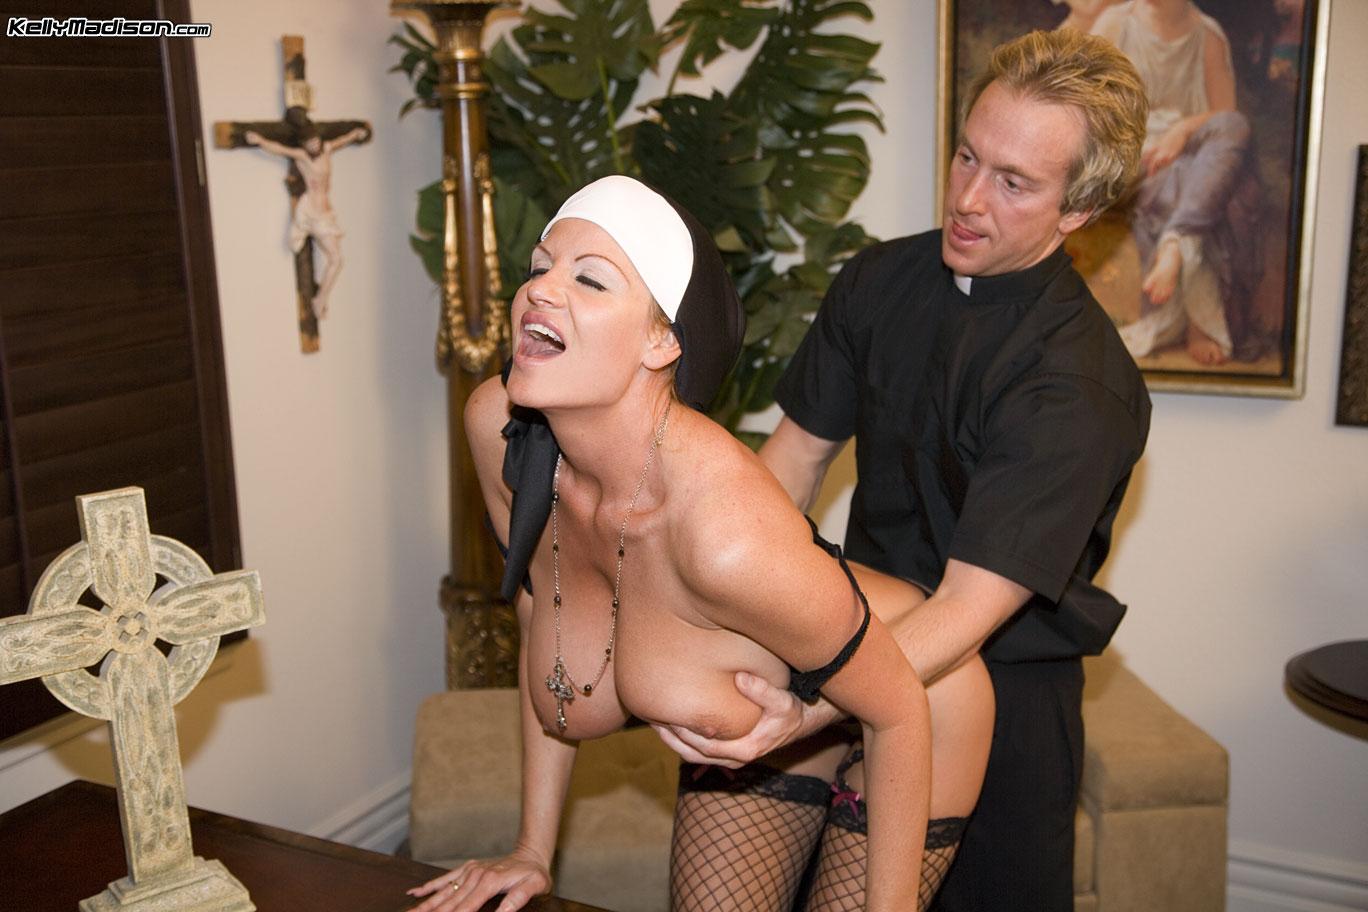 Смотреть проно с монашками, Монашки порно, смотреть секс с Монашкой 4 фотография